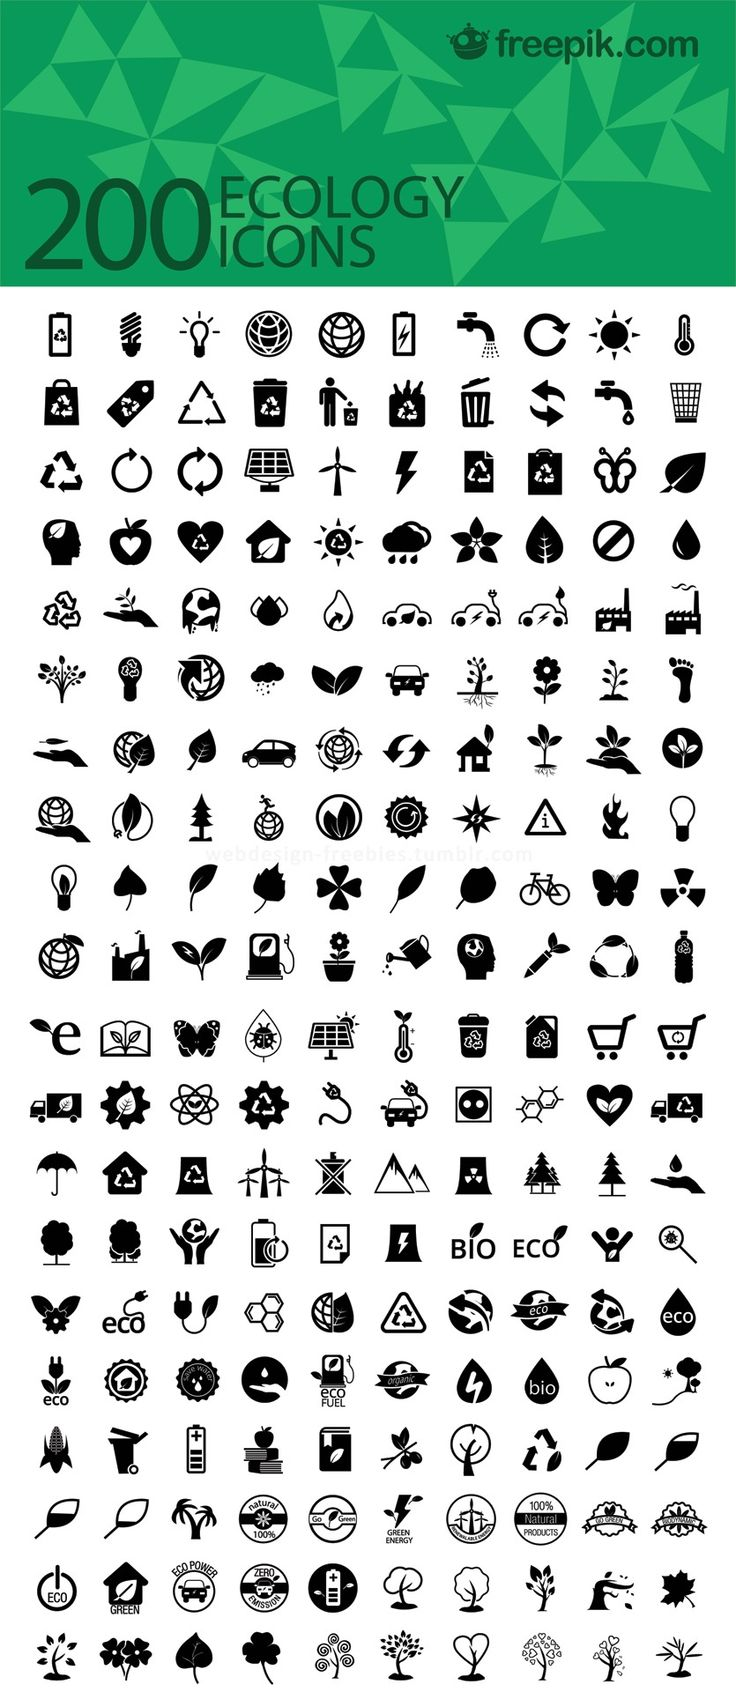 Más de 200 iconos ecologicos